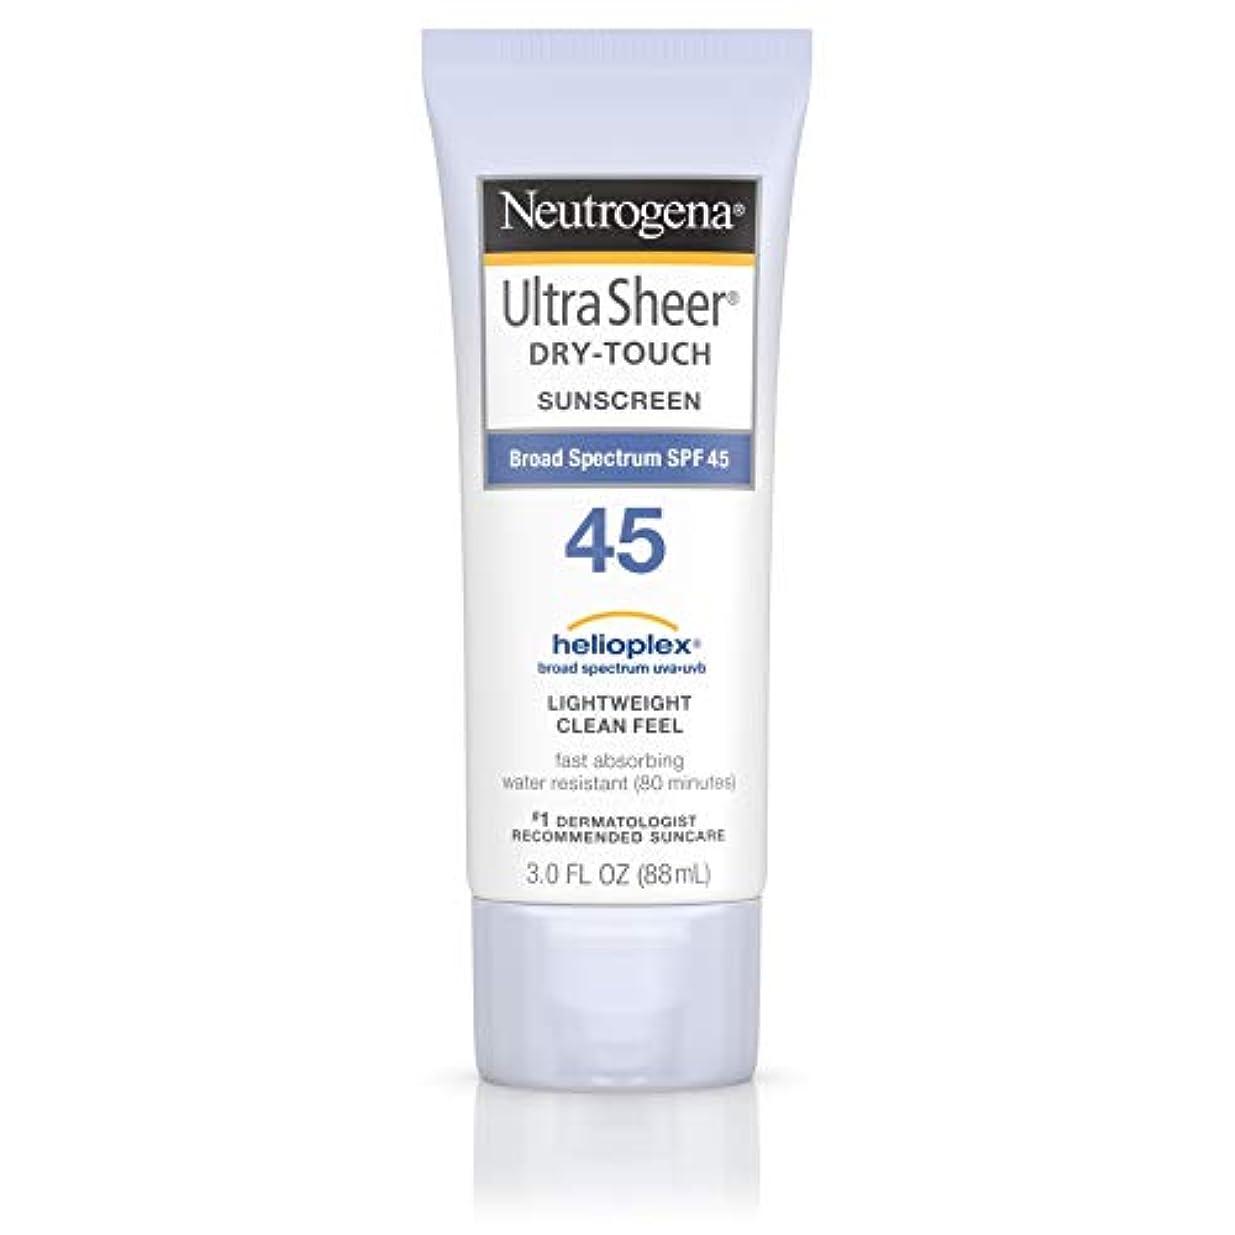 物思いにふける論争的タフ海外直送品 Neutrogena Neutrogena Ultra Sheer Dry-Touch Sunblock Spf 45【並行輸入品】